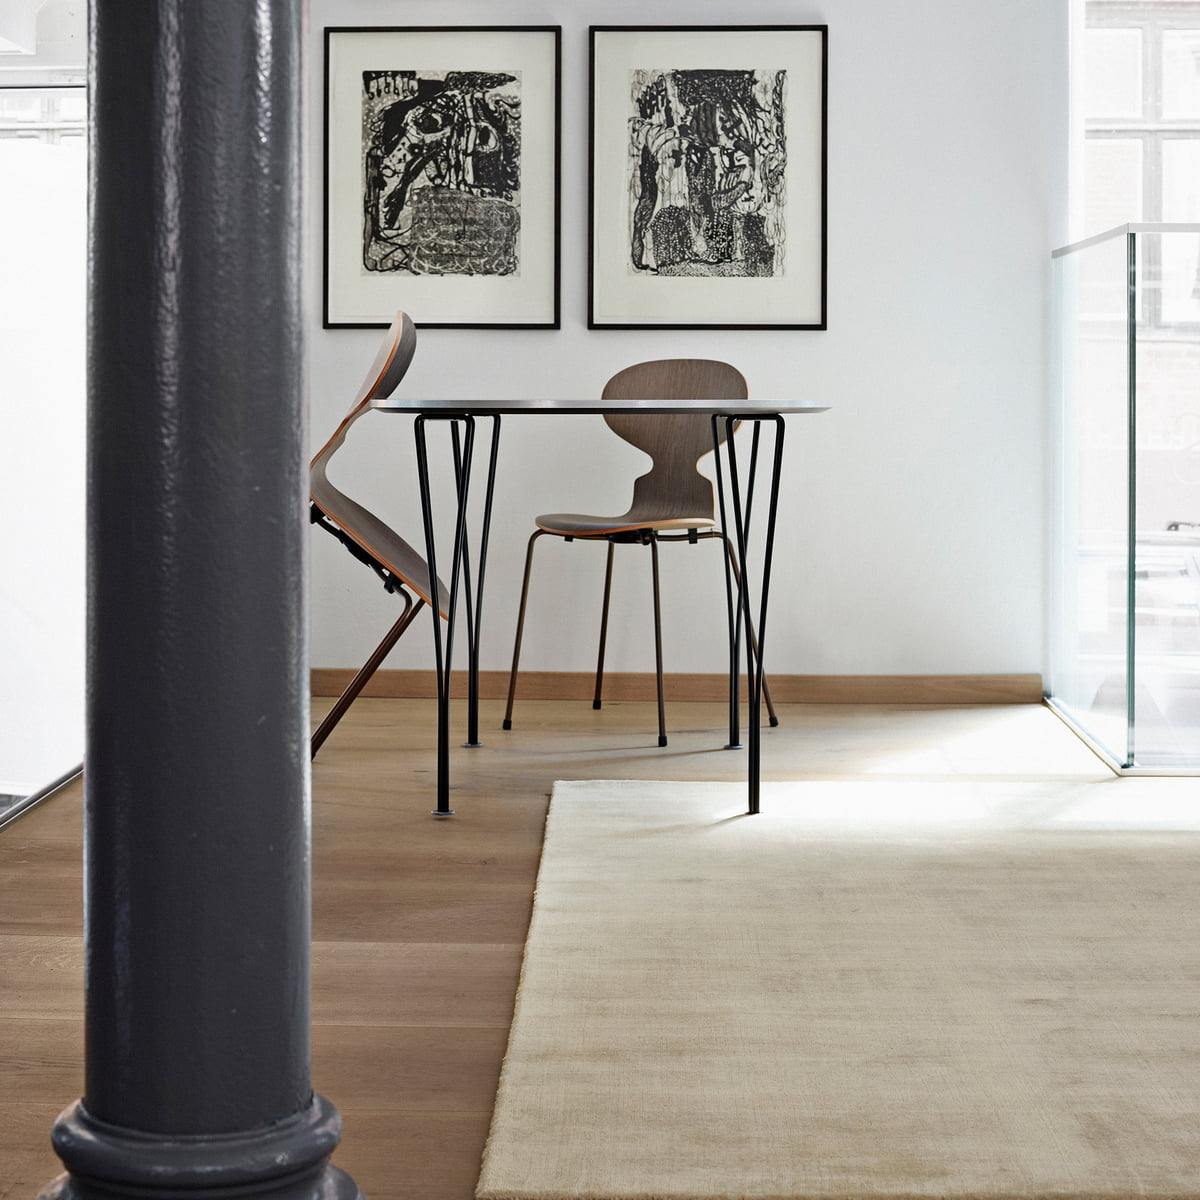 der massimo earth bamboo teppich in der essecke platziert - Einfache Dekoration Und Mobel Kuchenutensilien Mit Schickem Design